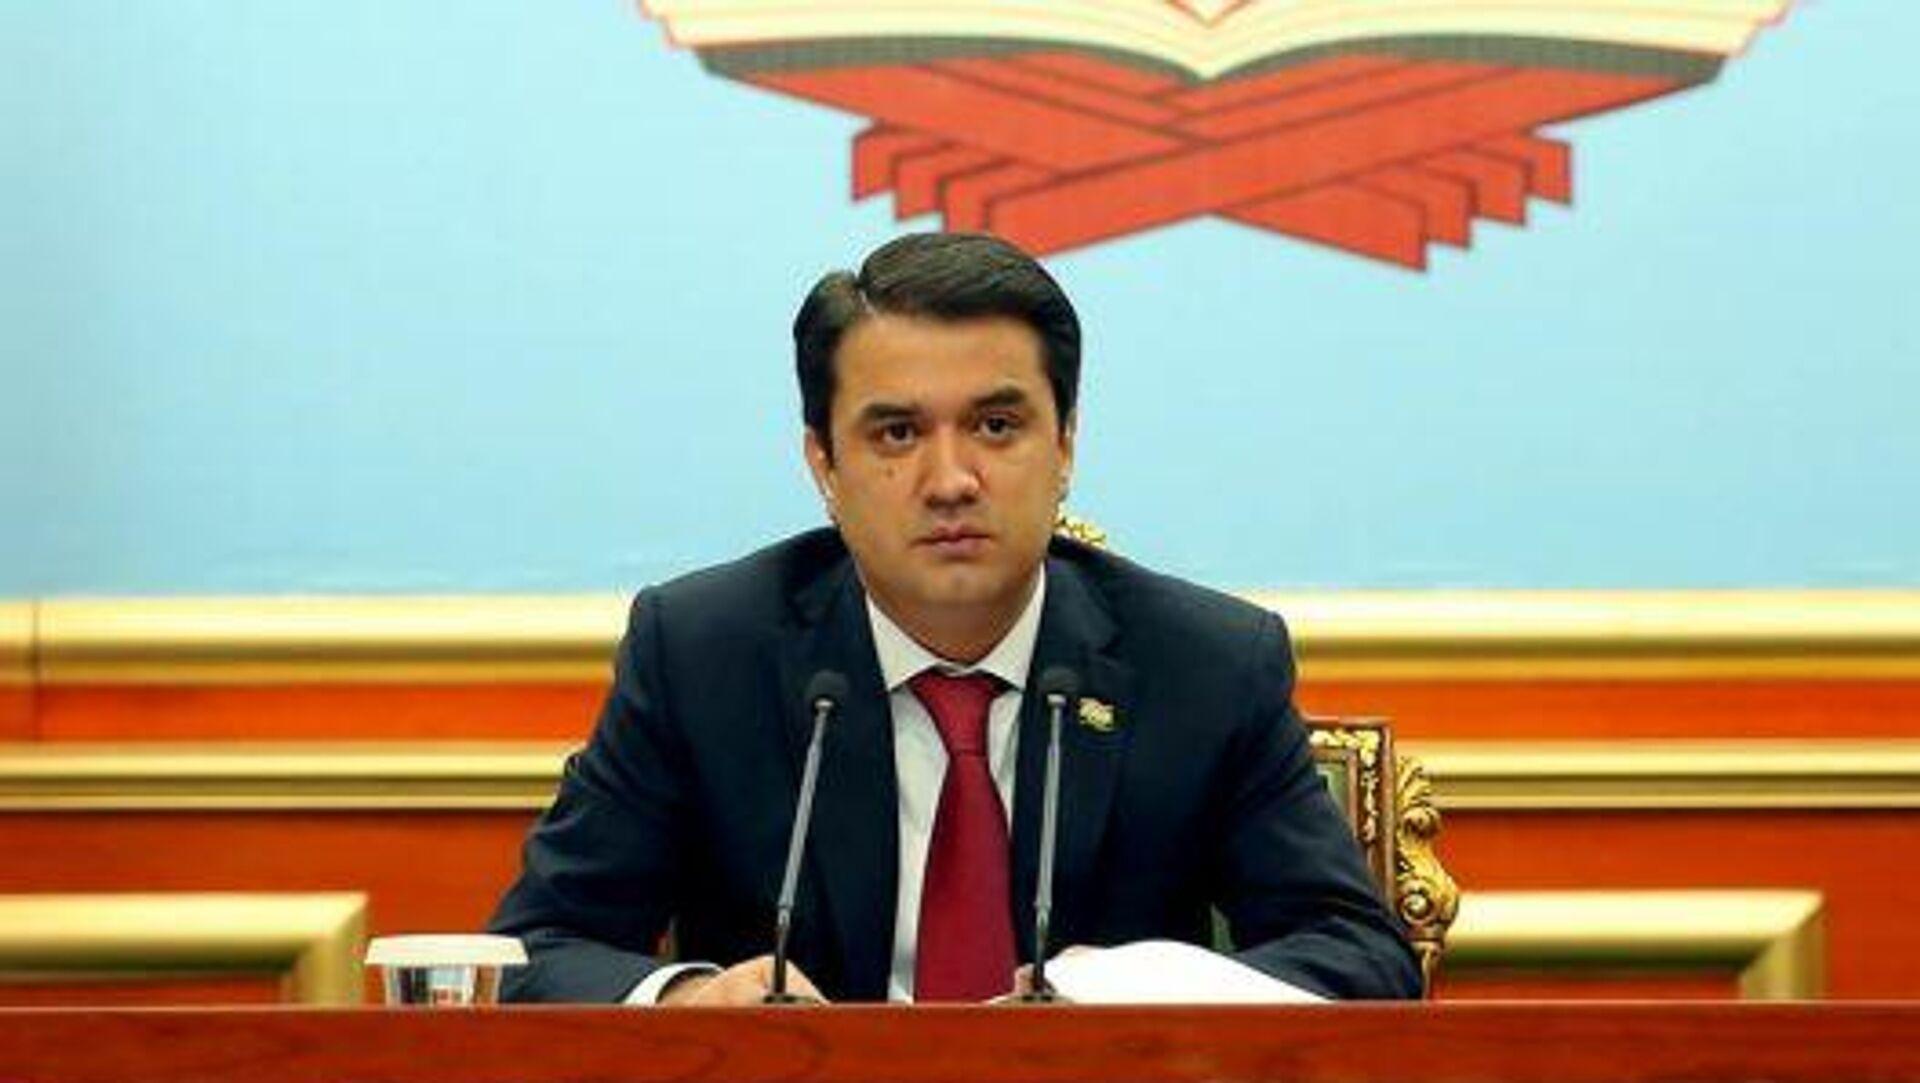 Председатель Собрания народных депутатов города Душанбе Рустам Эмомали - Sputnik Таджикистан, 1920, 29.09.2021